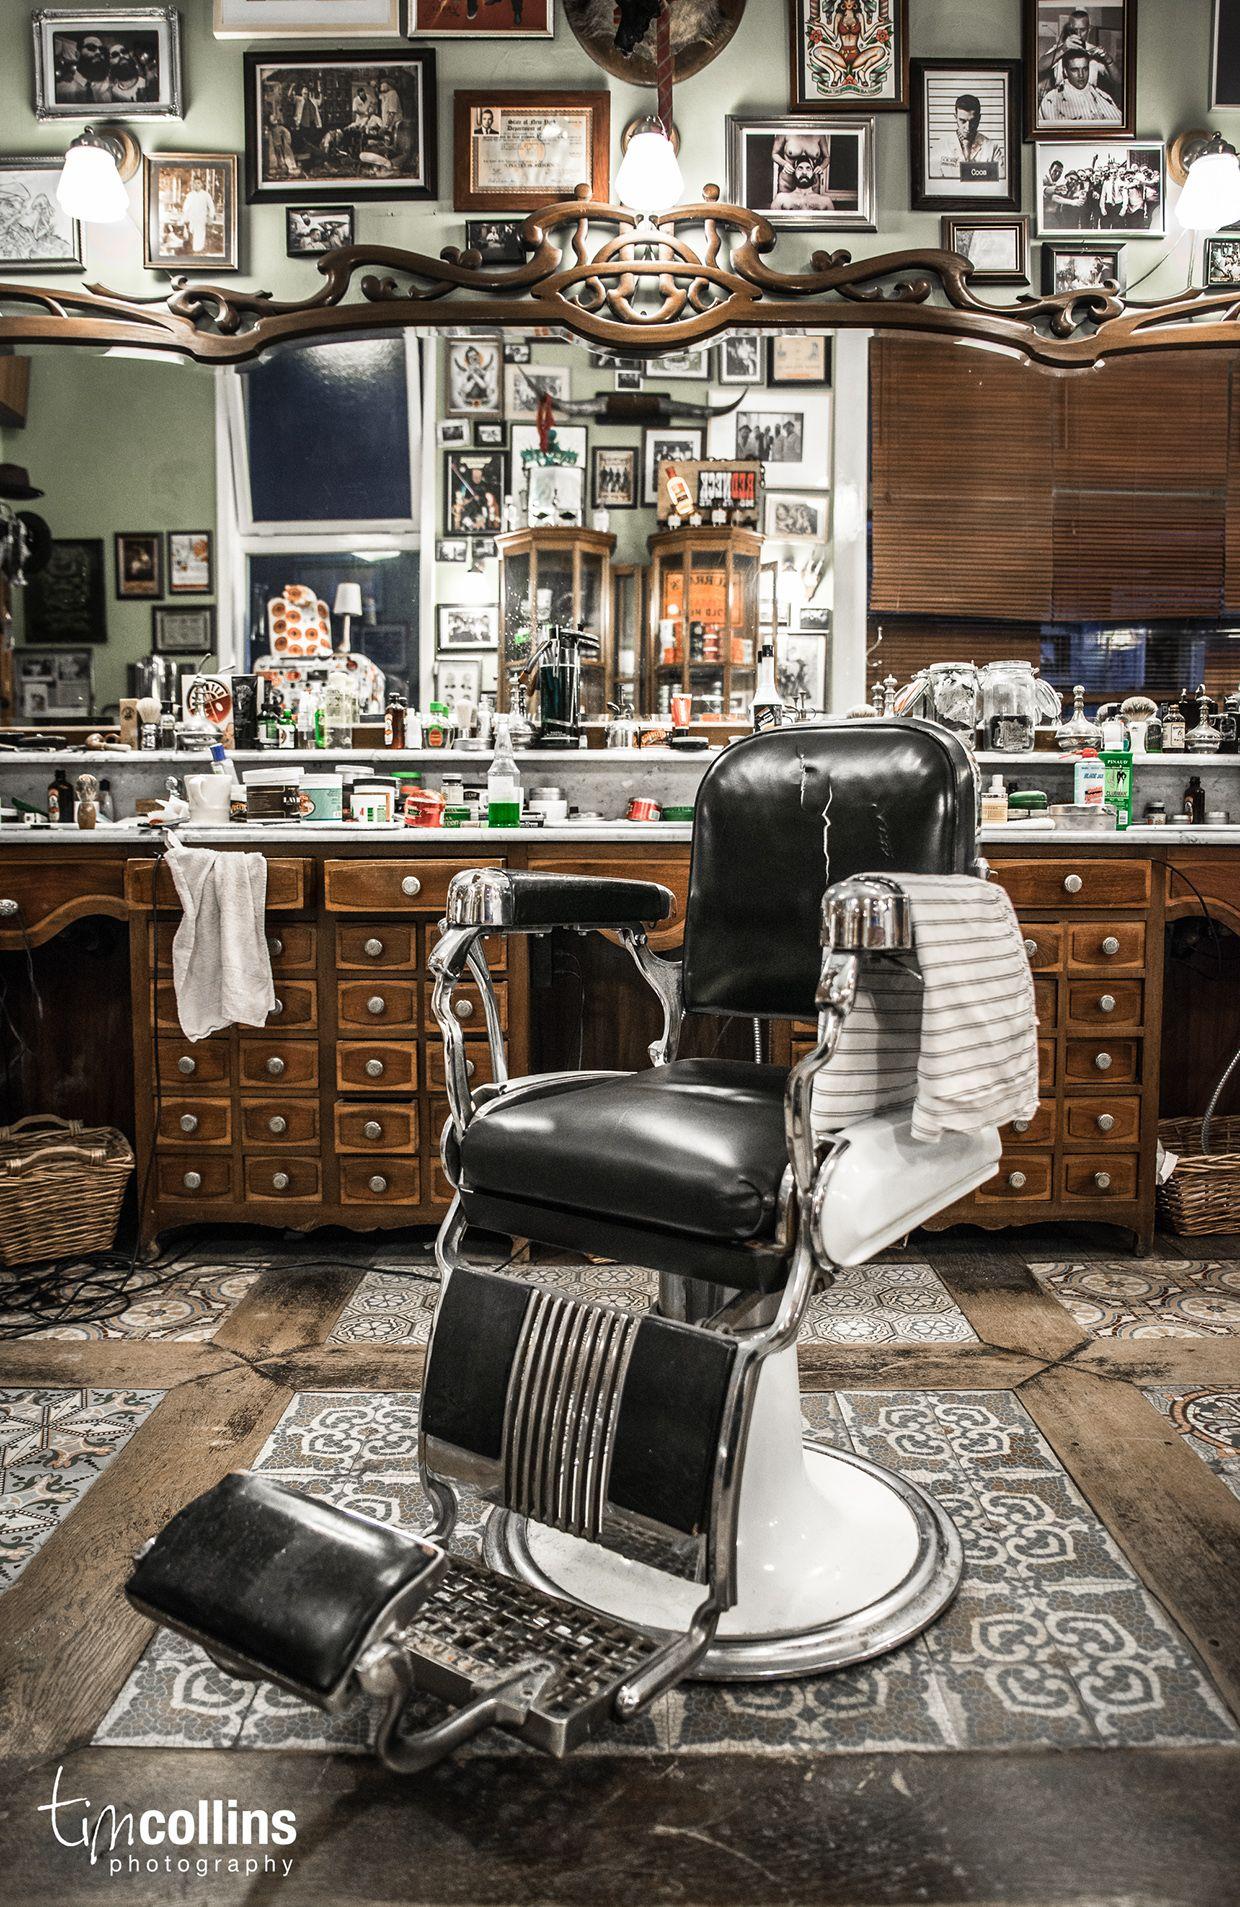 Vintage Barbershop I spent a full ...